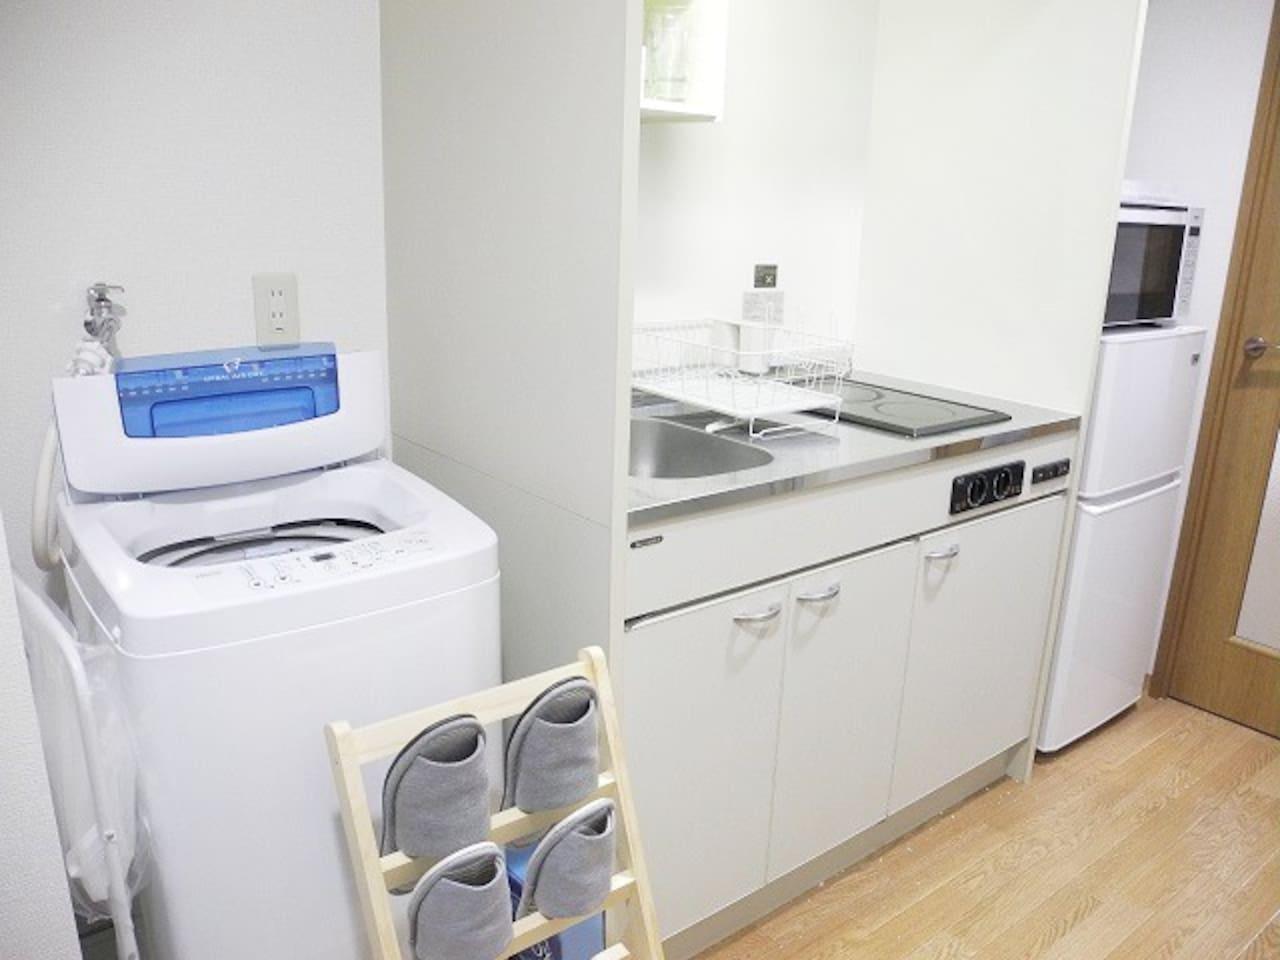 洗濯機、冷蔵庫、電子レンジが備え付けられています。電化キッチンもあり調理も十分出来ます!